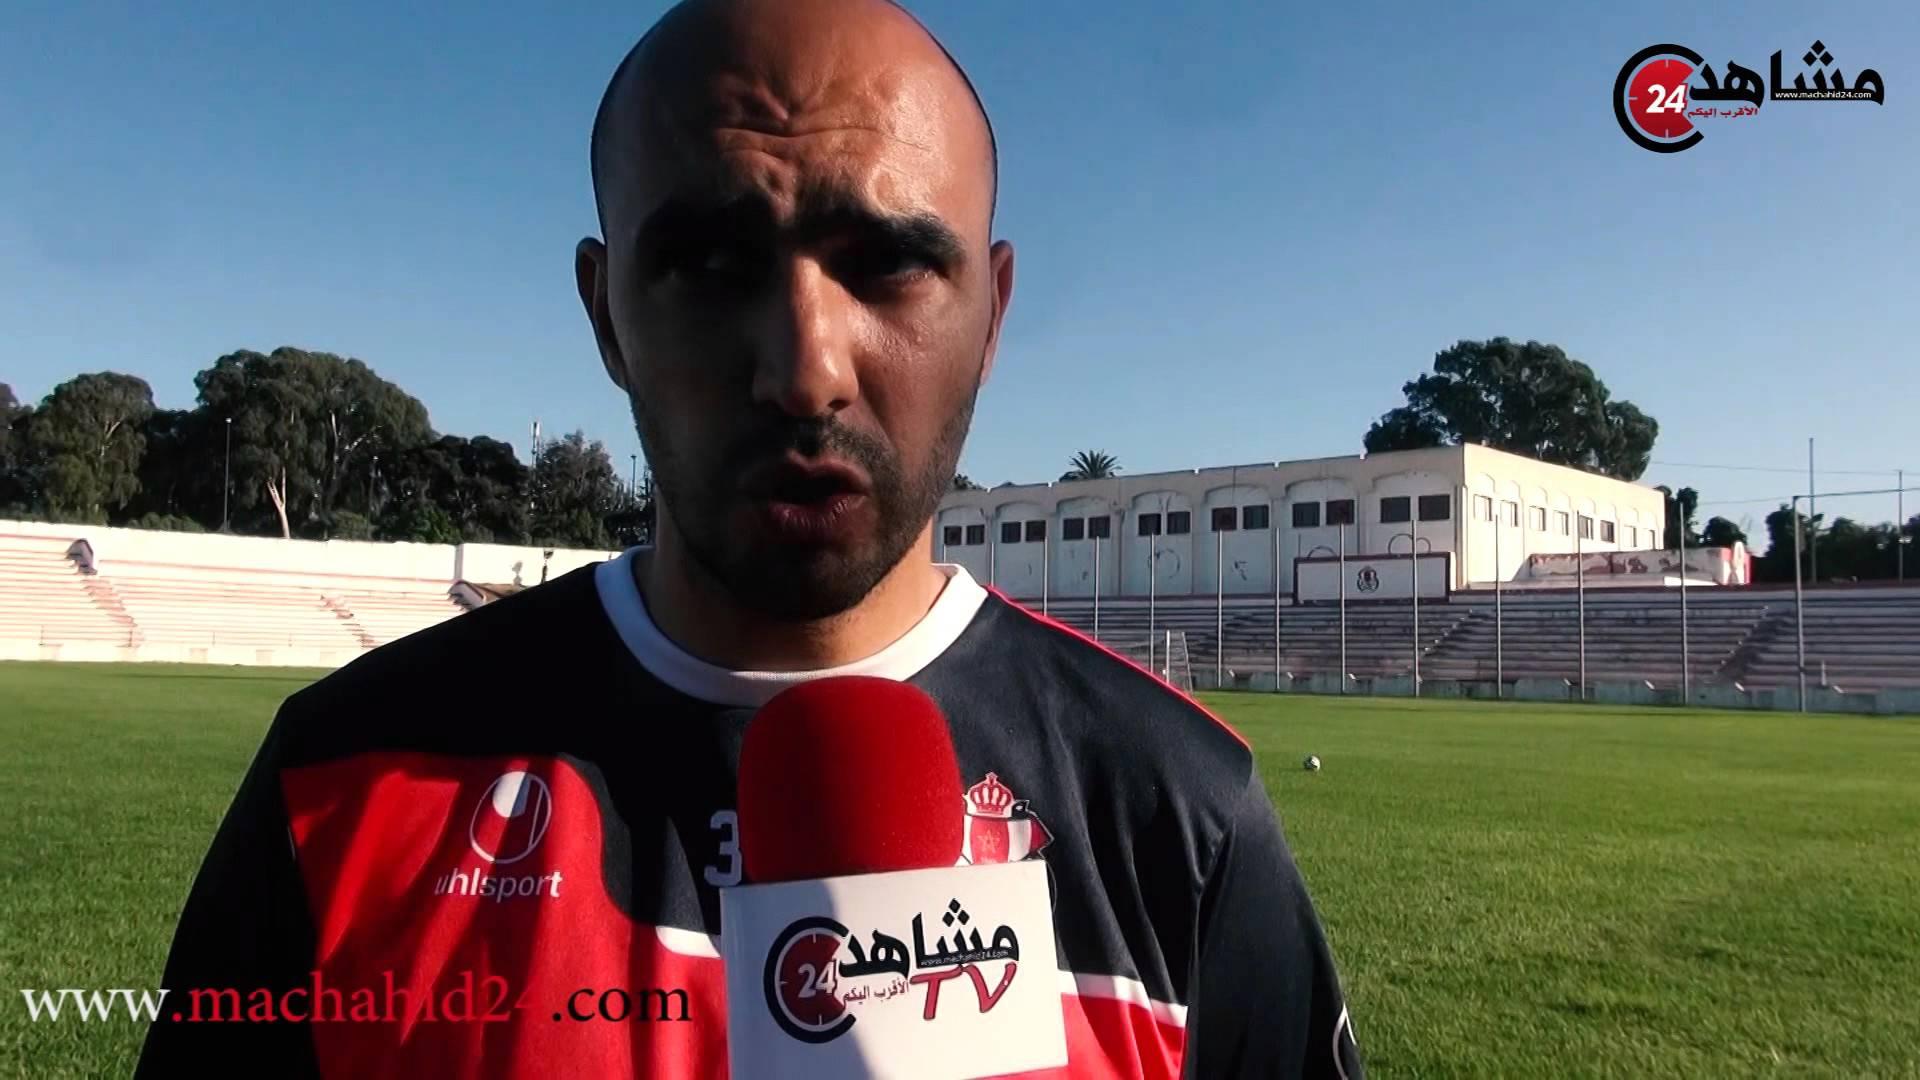 الركراكي : تأهل الفتح والكوكب يؤكد صحوة الكرة المغربية